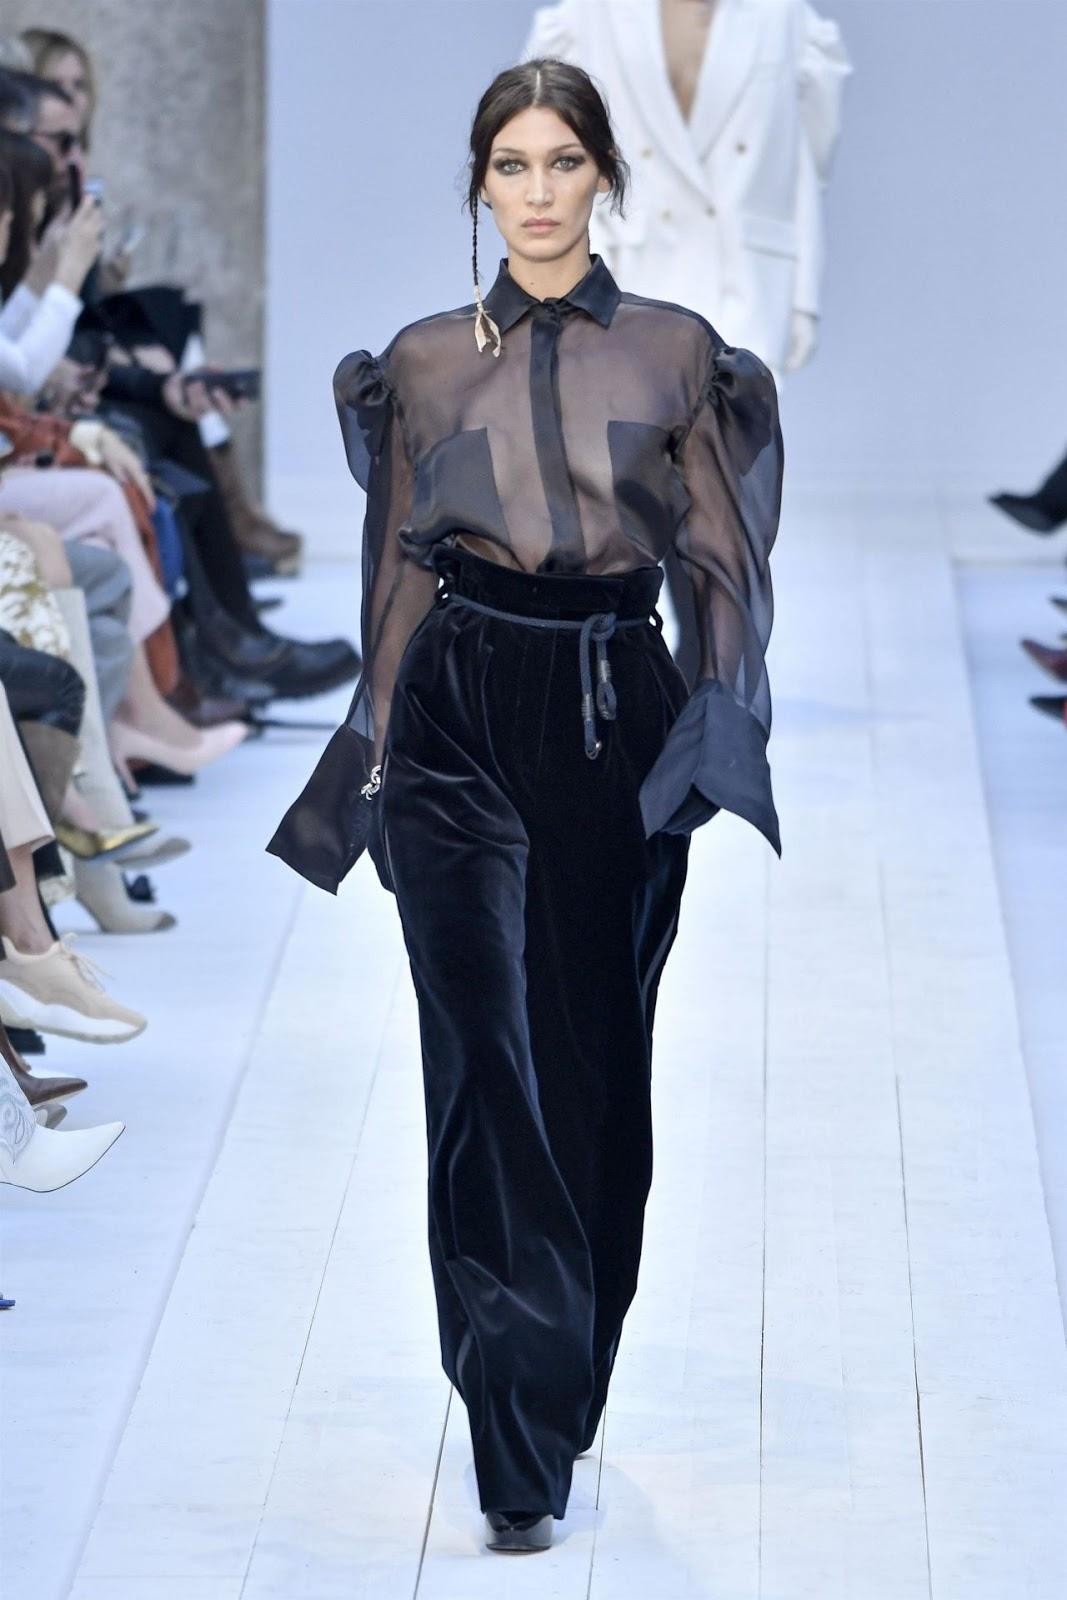 Bella Hadid walks the runway during the Max Mara fashion show